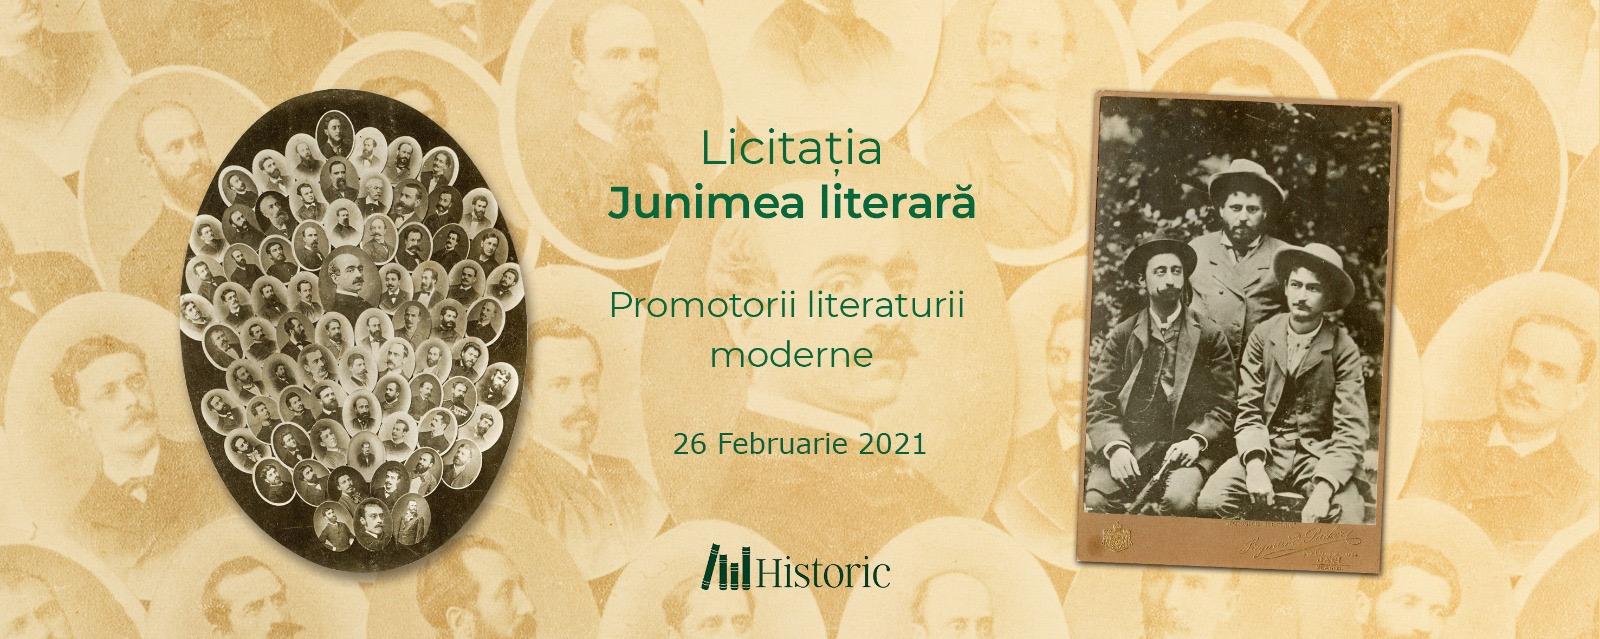 Licitația Junimea literară